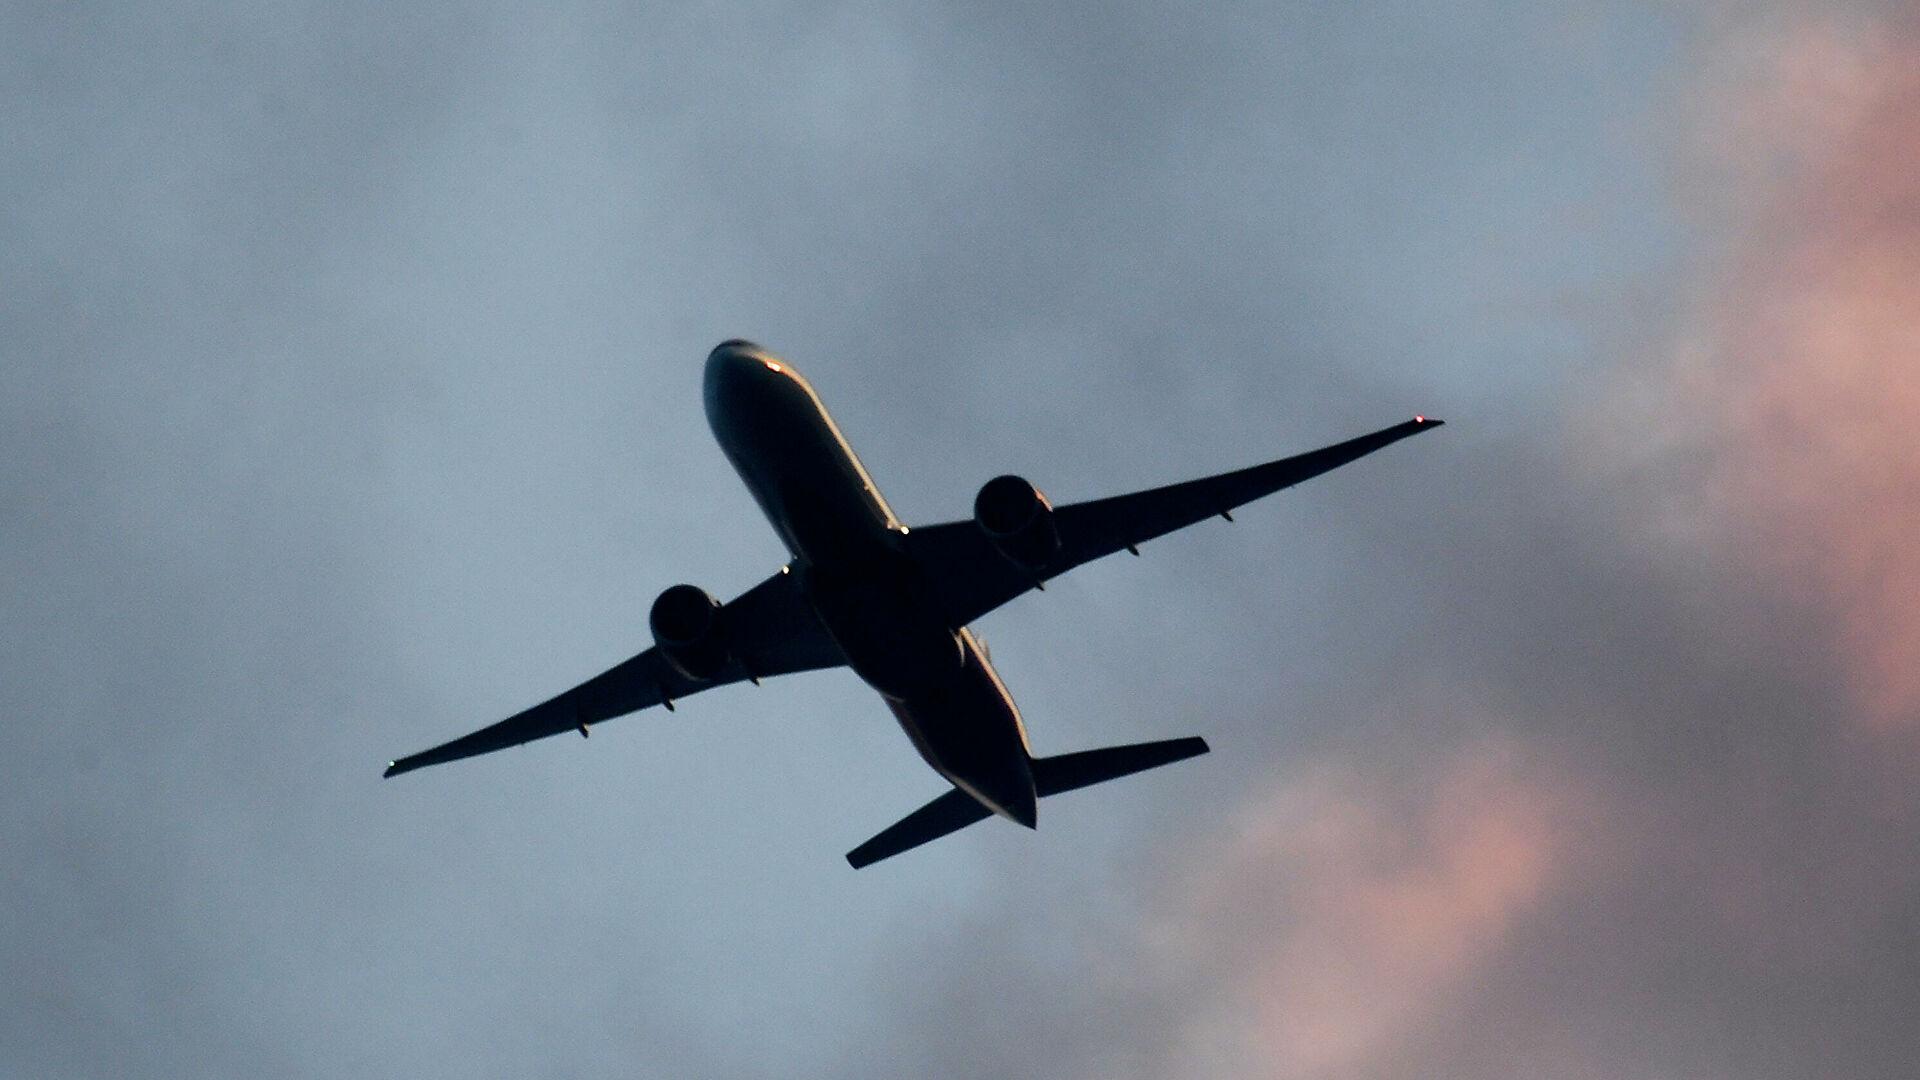 Токаев соболезнует президенту Индонезии в связи с крушением пассажирского самолета